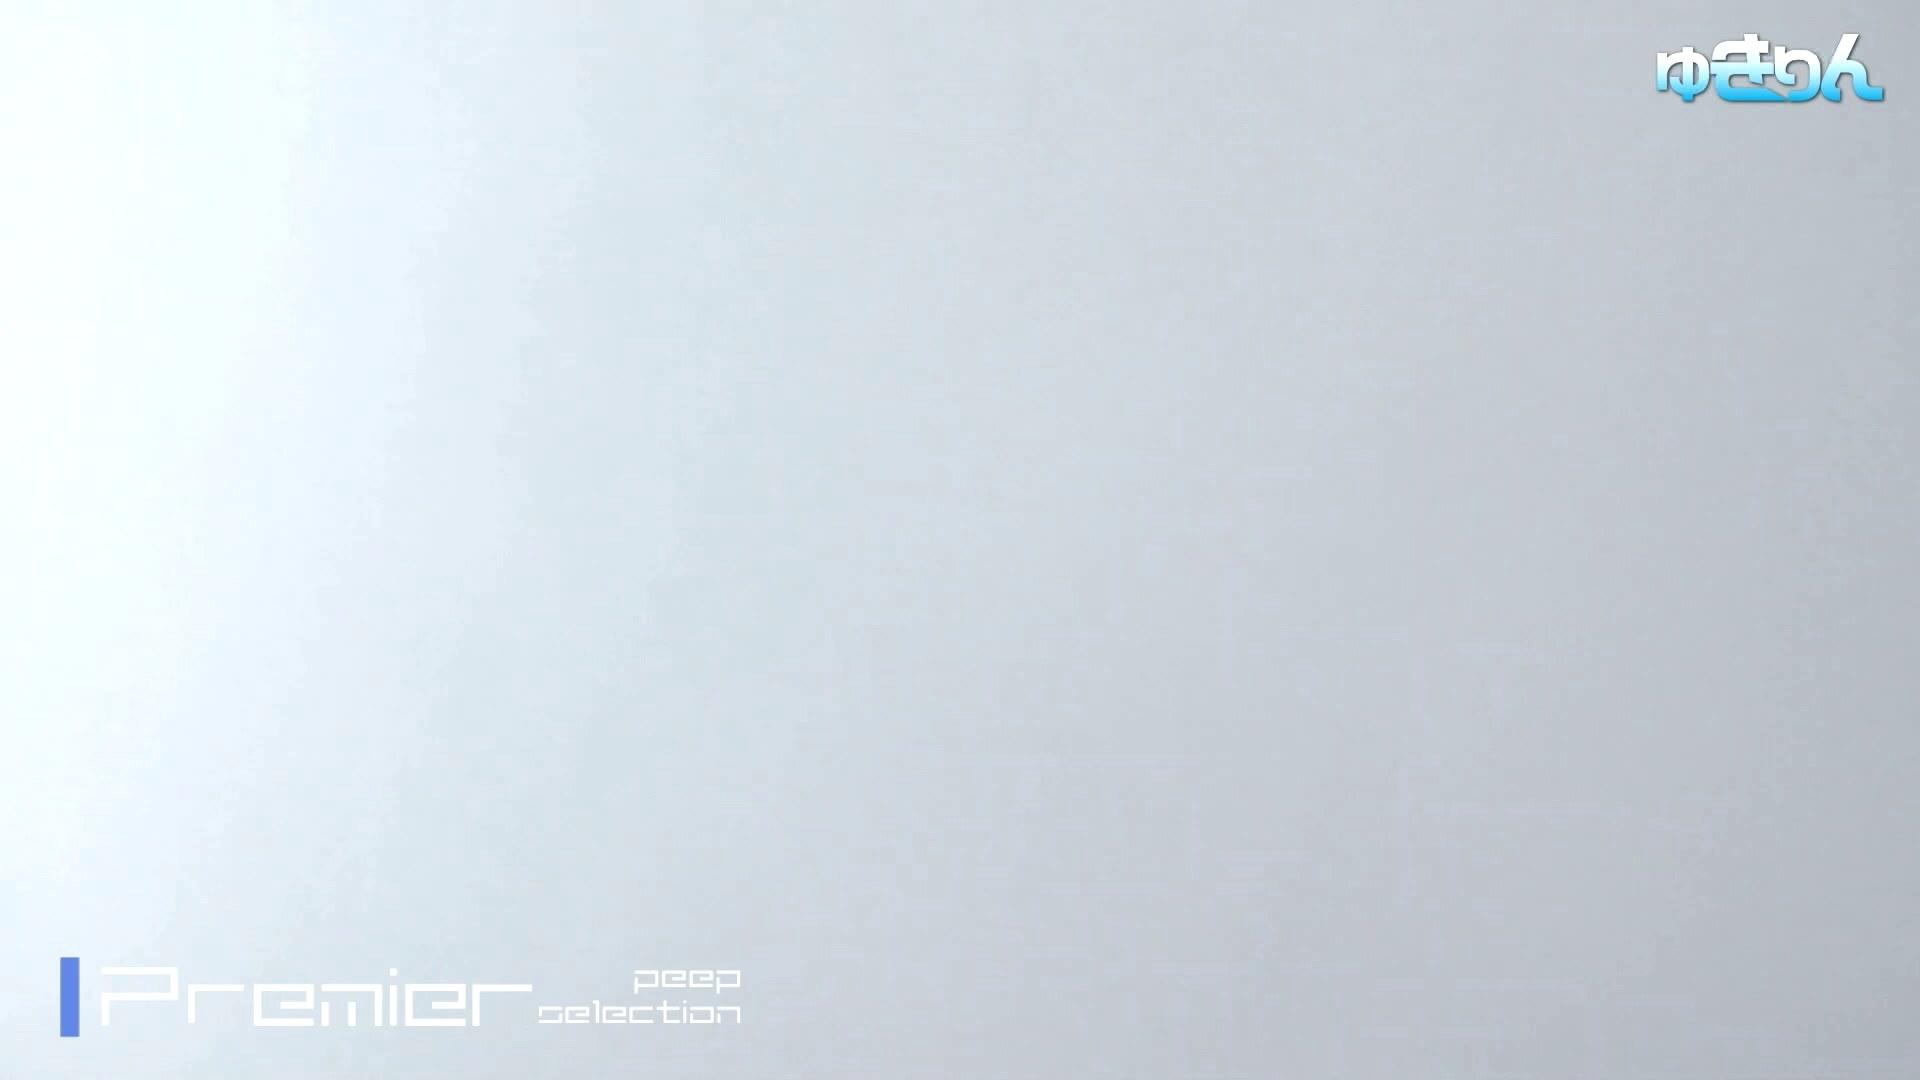 極上!大陸女性ガチトイレ盗撮作品集【新世界の射窓 No101】 洗面所着替え | 盗撮エロすぎ  35連発 8